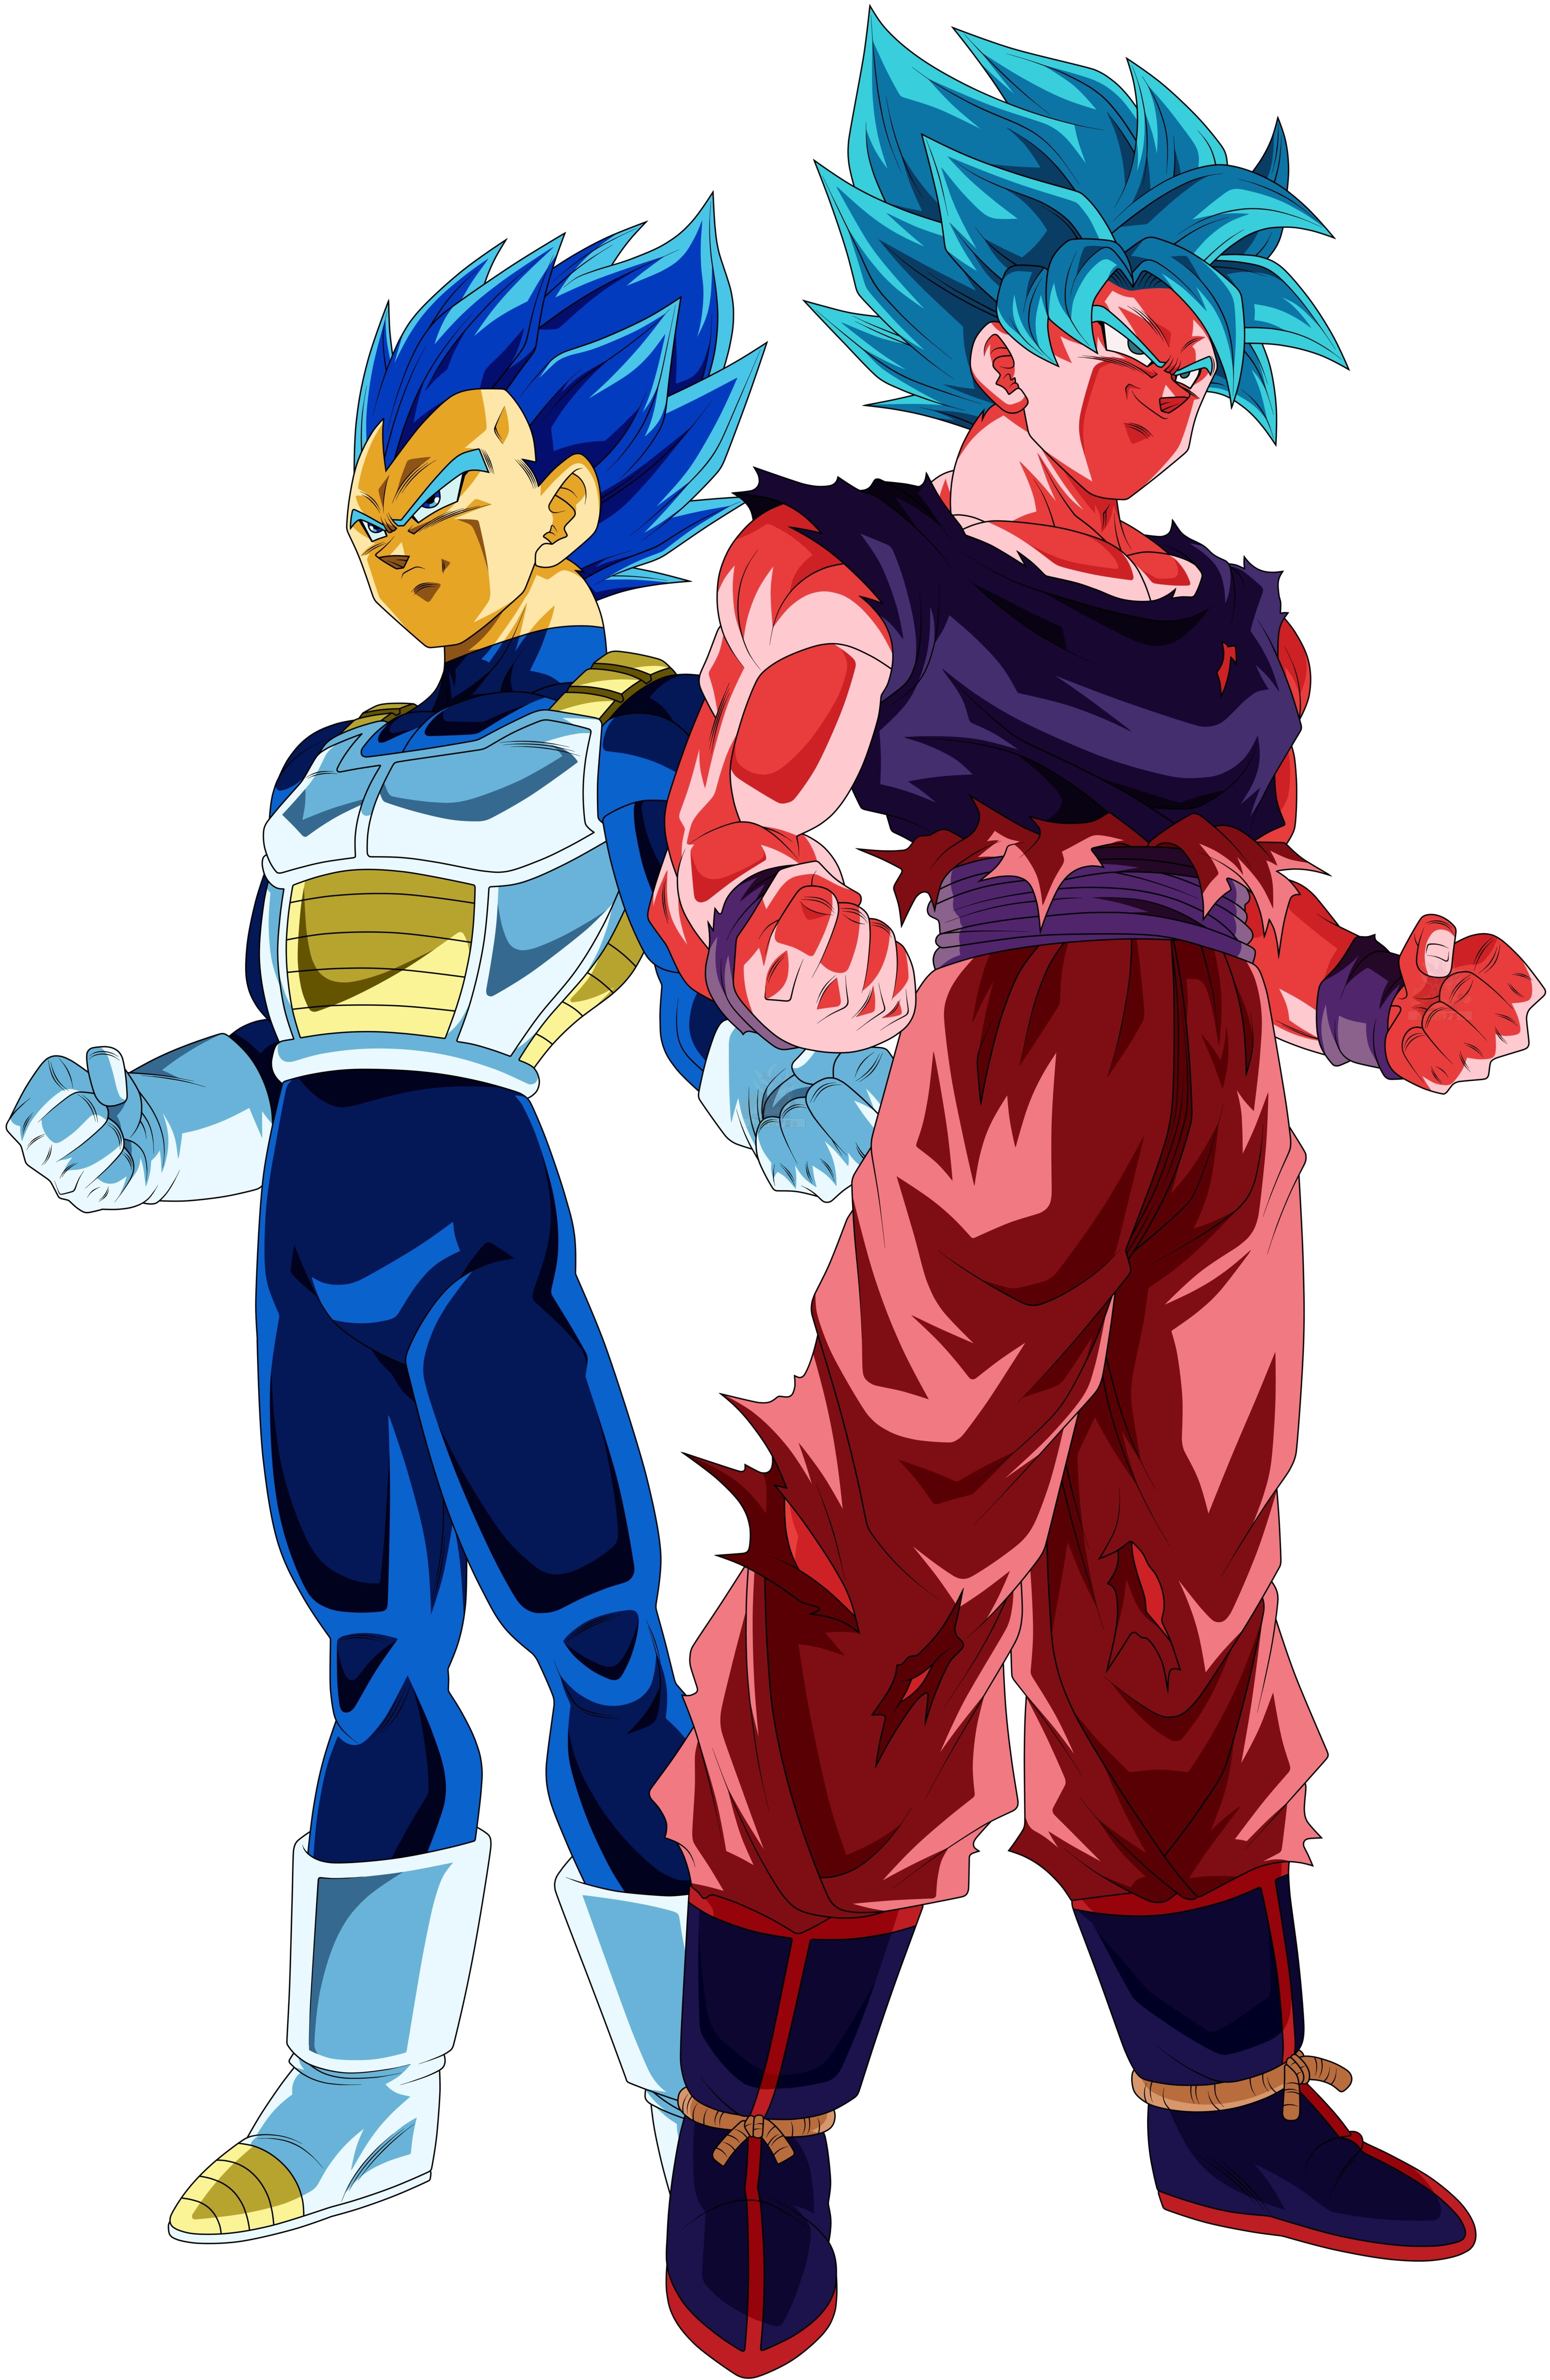 Vegeta Ssj Blue Full Power Anime Personagens De Anime Desenhos Dragonball